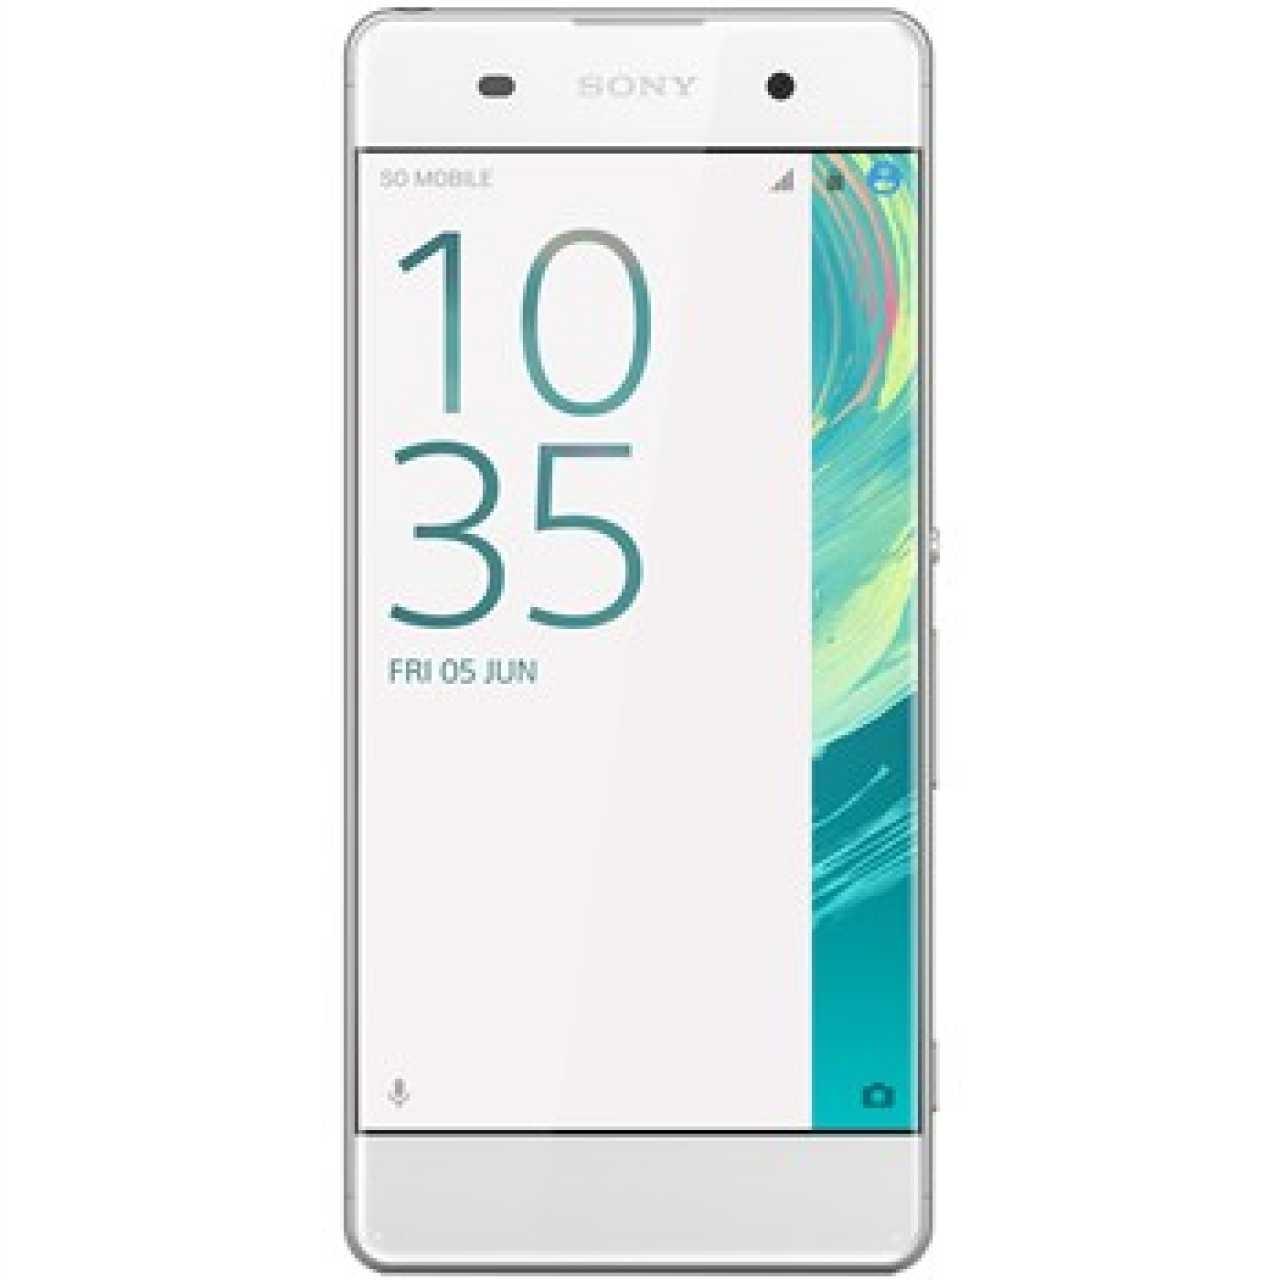 گوشی موبایل سونی مدل XPERIA XA  با ظرفیت 16 گیگابایت - دو سیم کارت